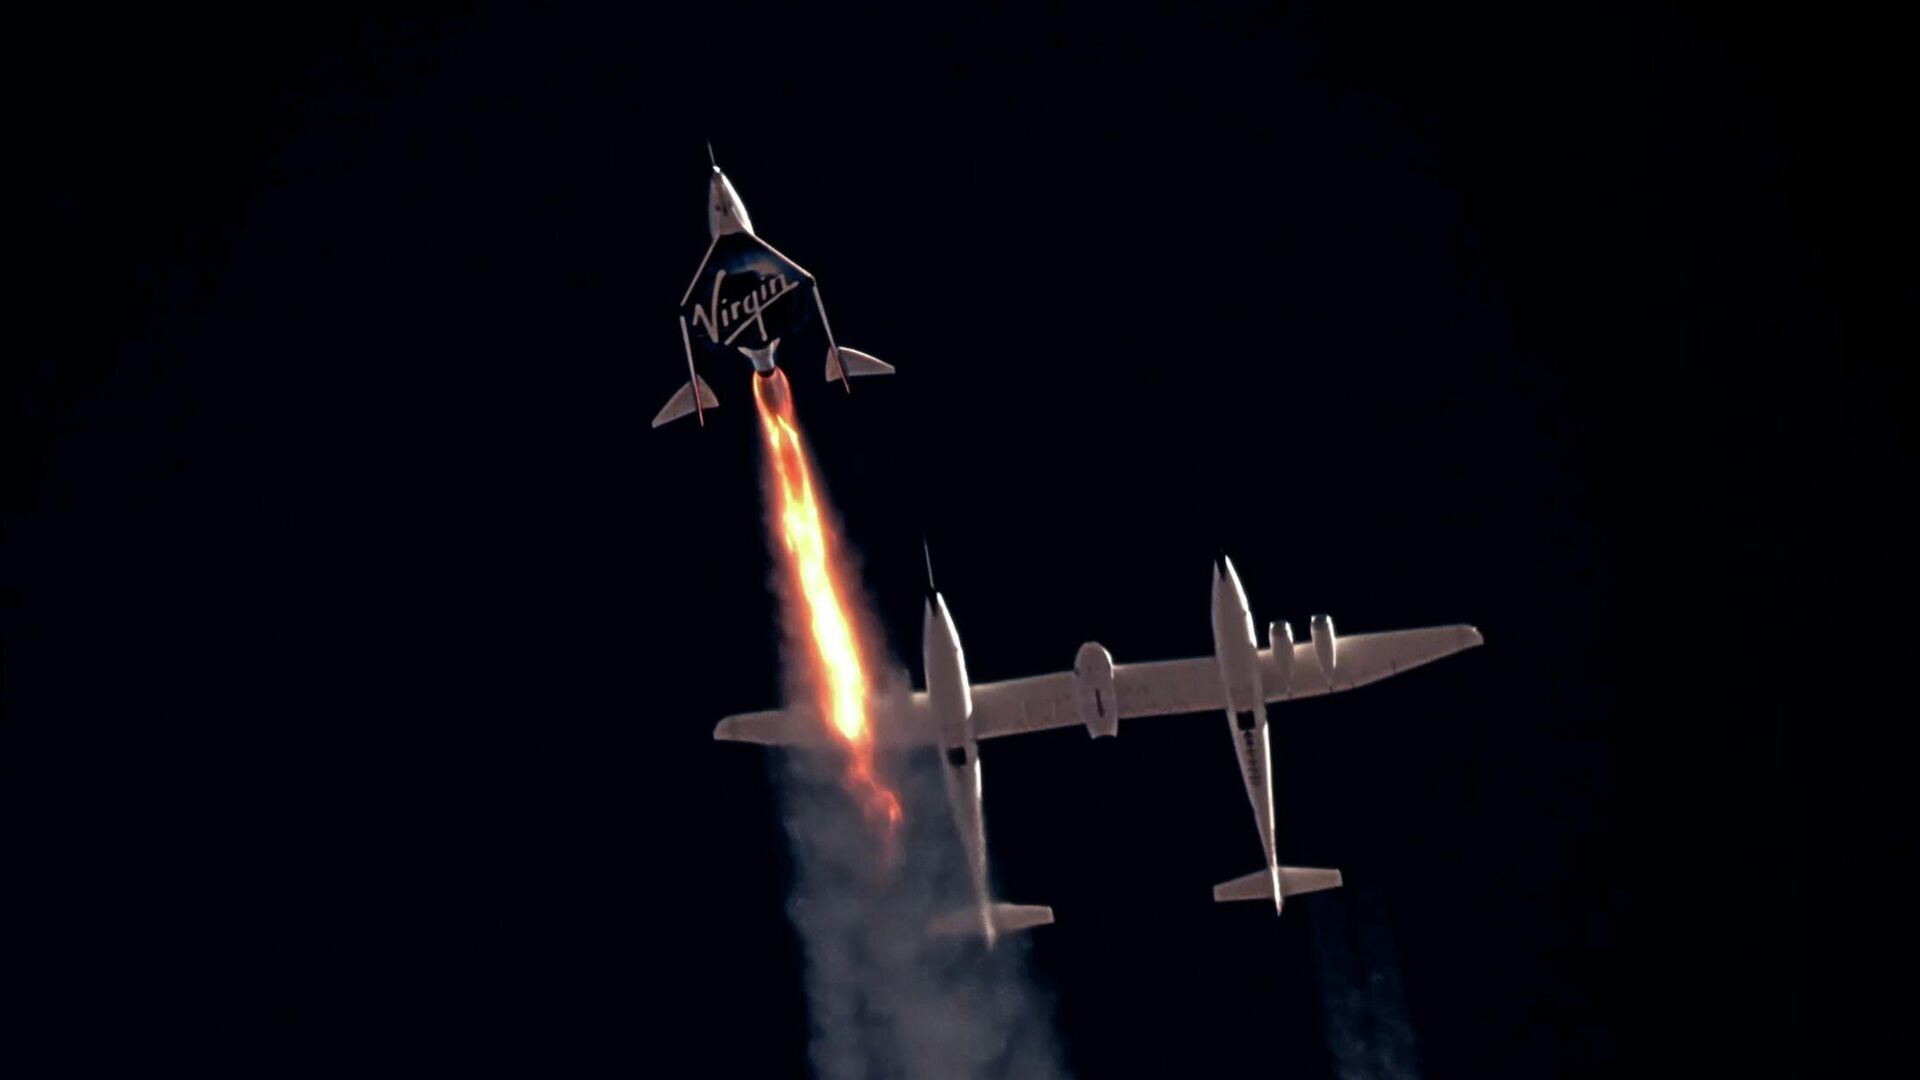 Старт космического корабля VSS Unity компании Virgin Galactic с Ричардом Брэнсоном на борту - РИА Новости, 1920, 06.08.2021